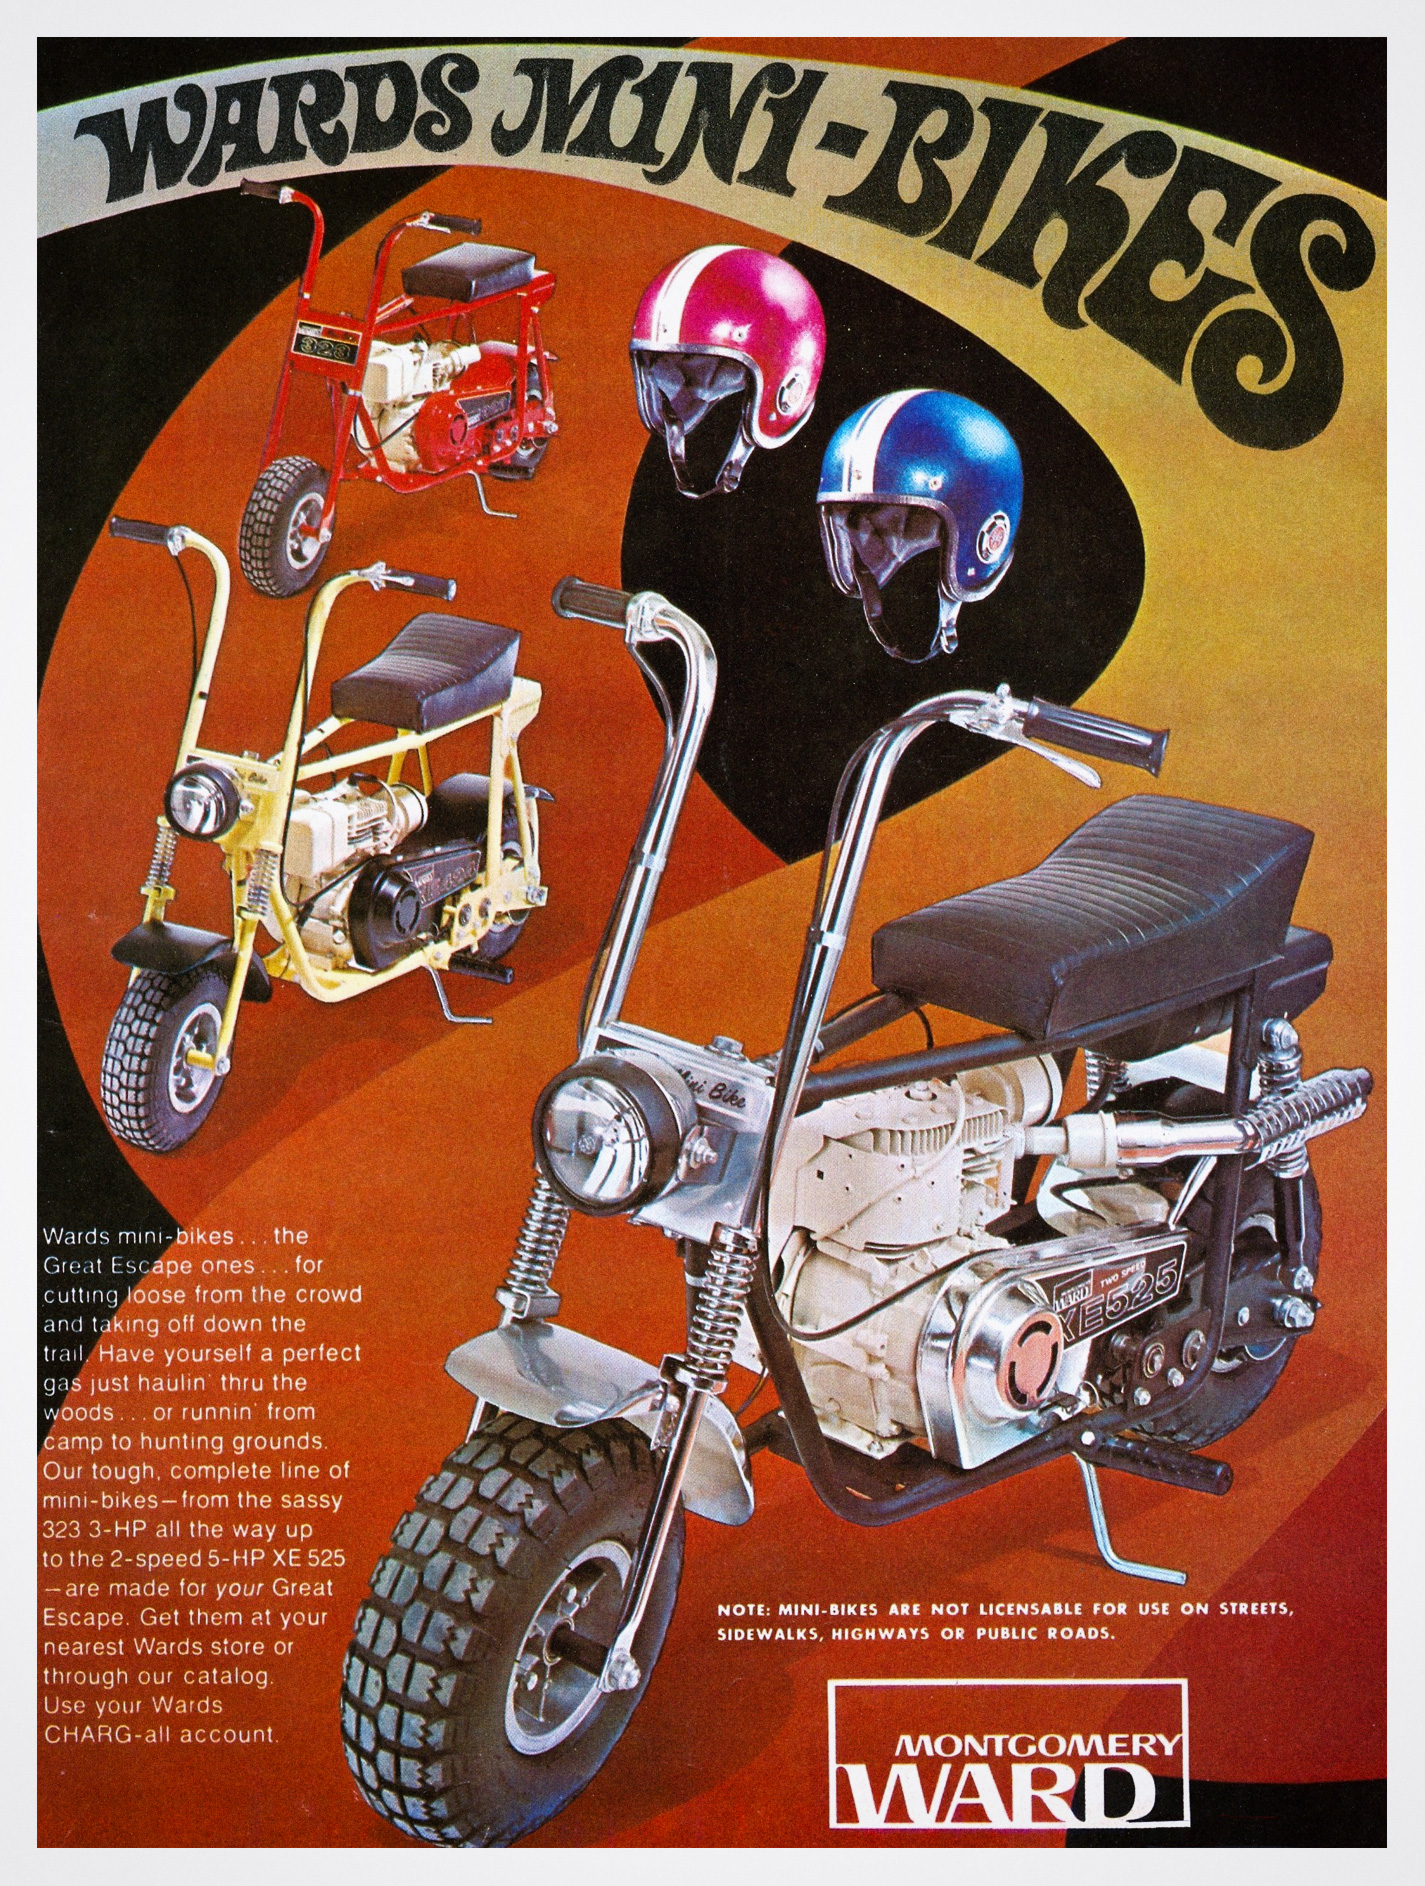 Montgomery Ward Mini Bikes